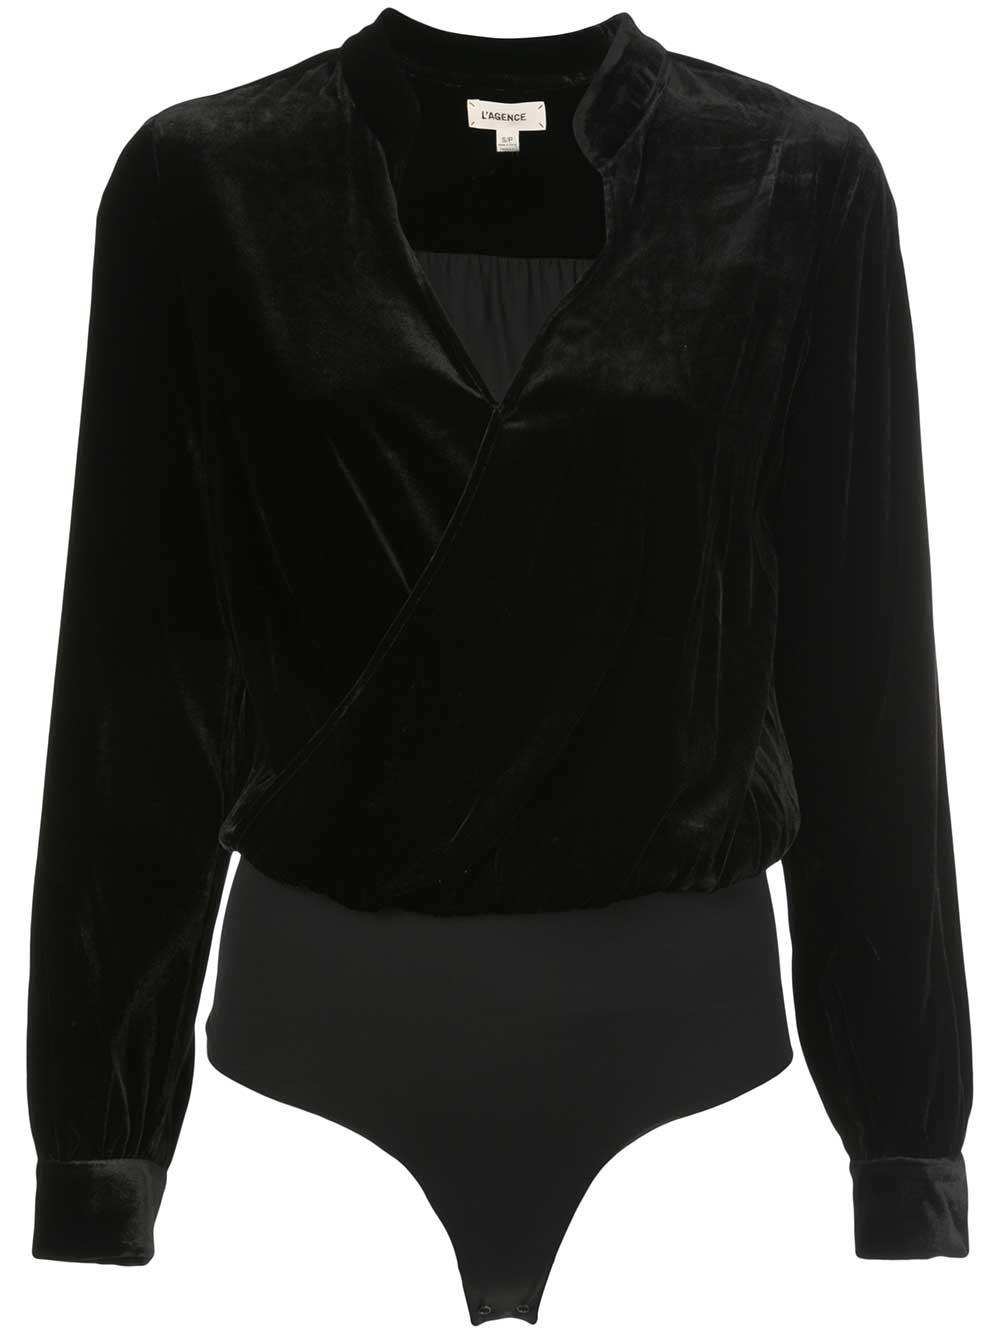 Marcella Velvet Bodysuit